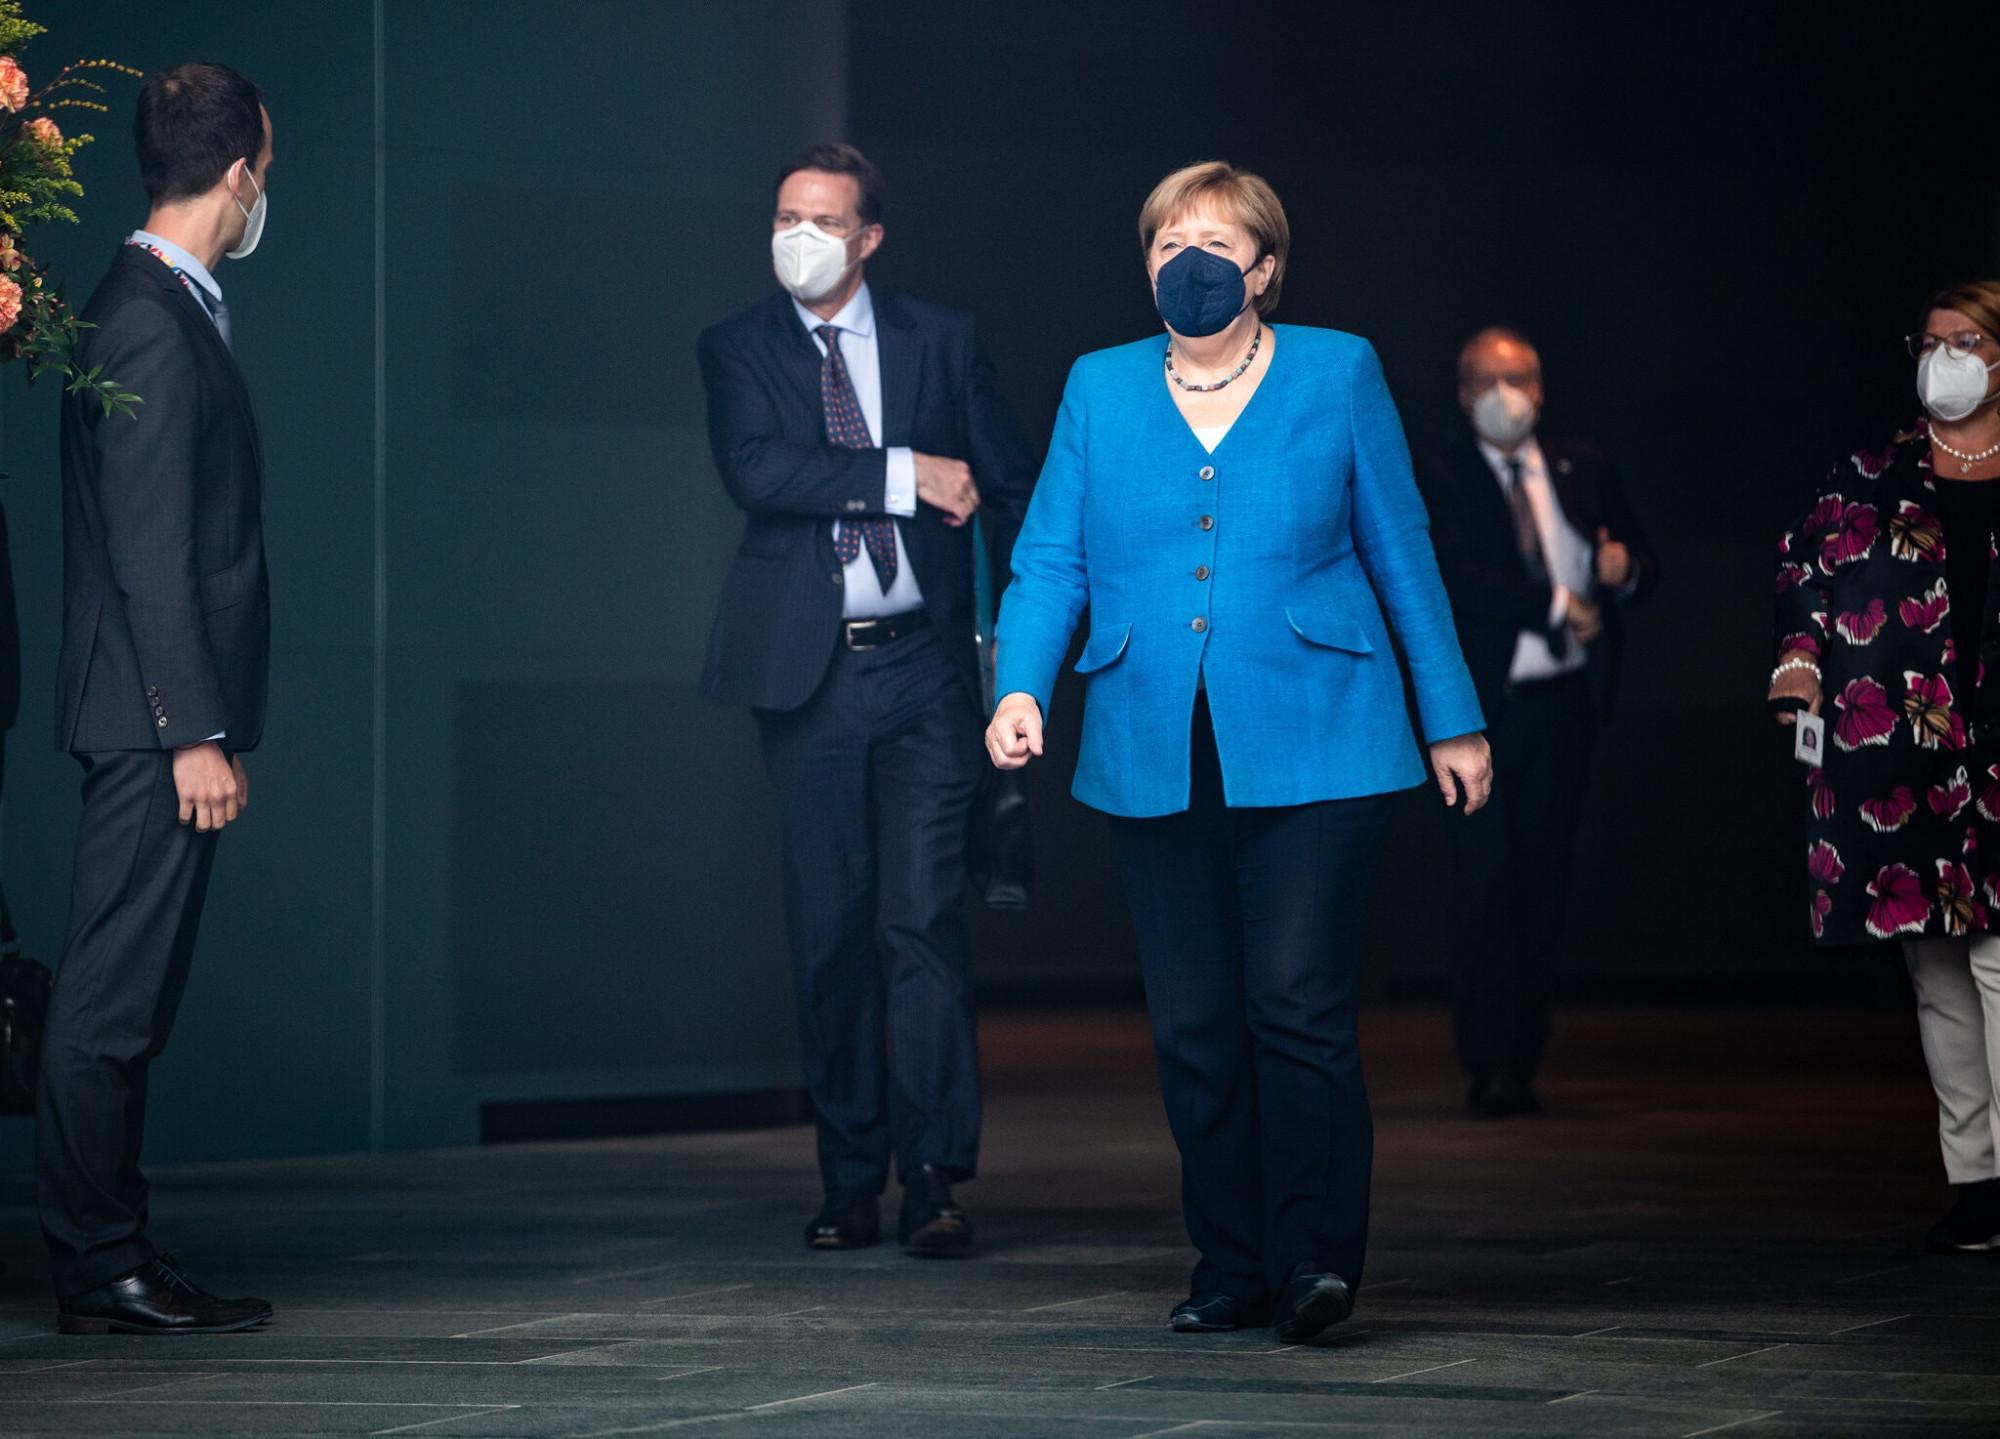 Bà Angela Merkel sẽ dừng vai trò Thủ tướng Đức sau 16 năm phục vụ - Ảnh: Jutrczenka/Picture Alliance/Getty Images